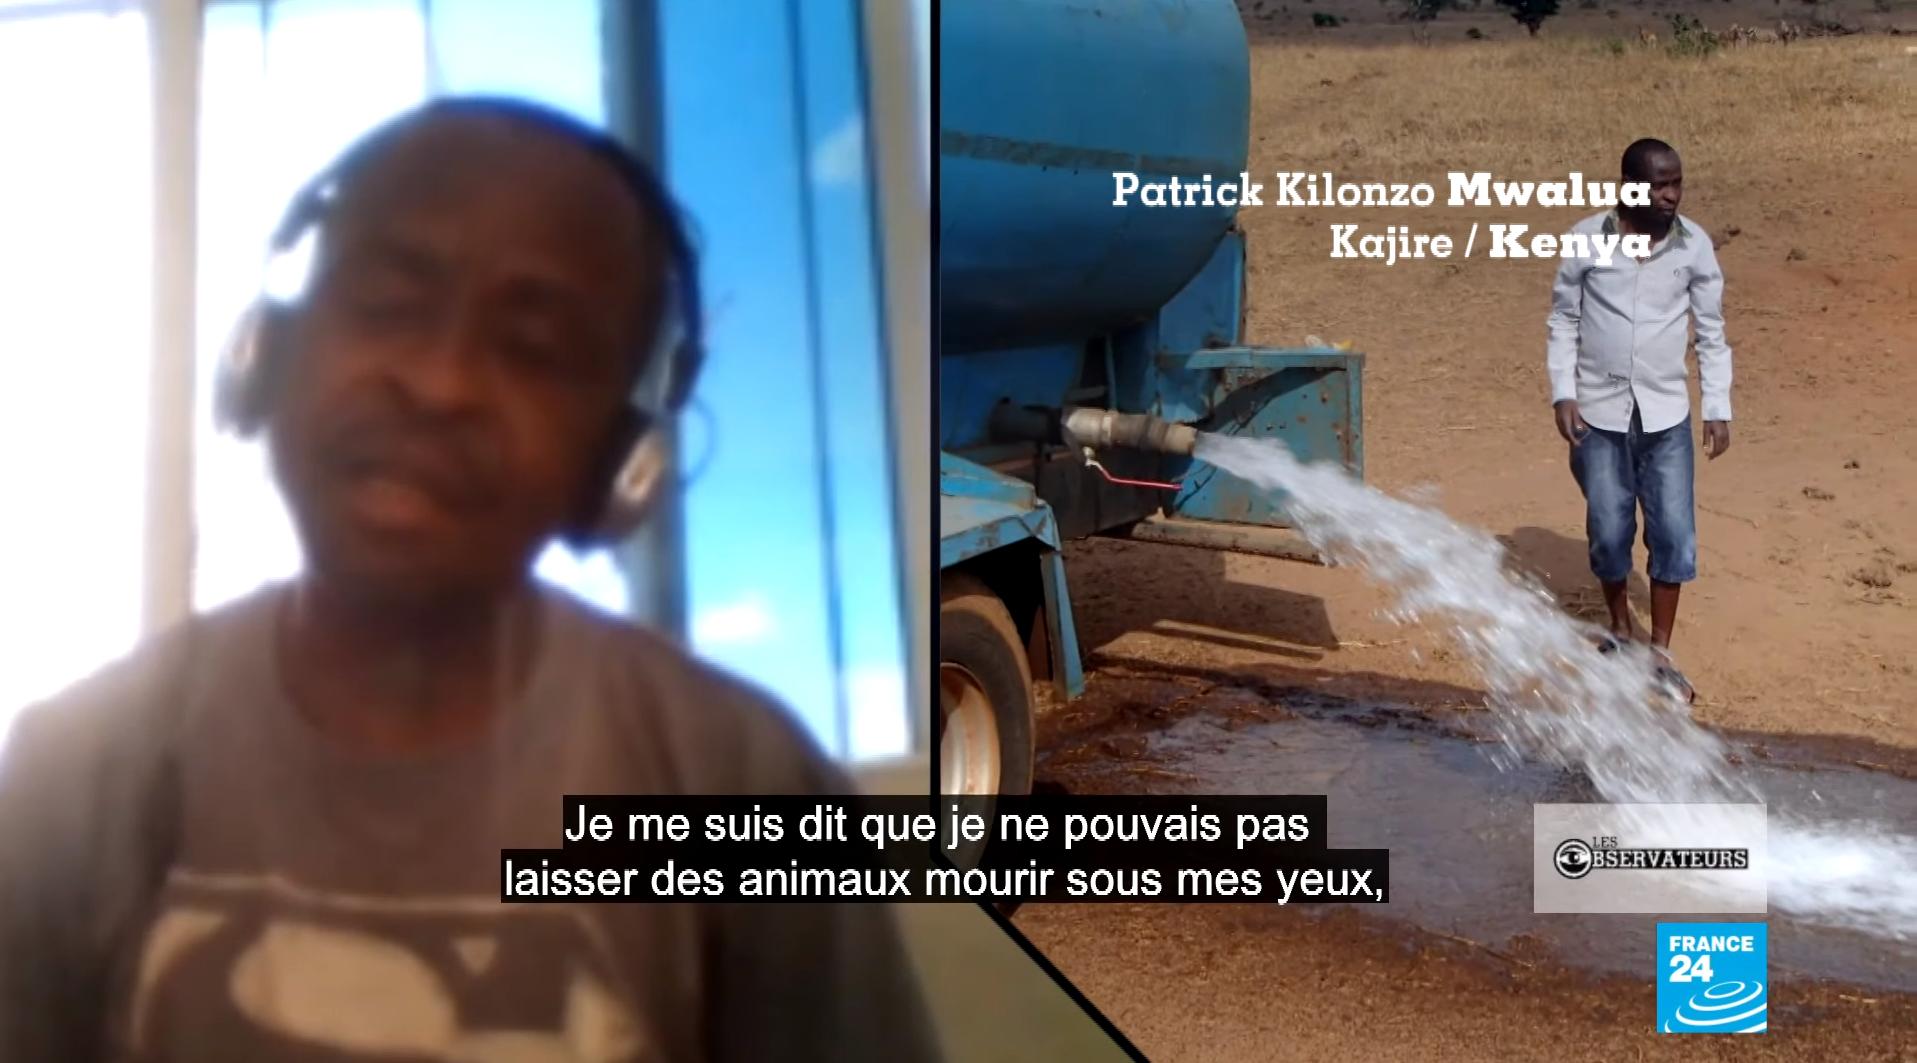 Depuis 2016, Patrick Kilonzo Mwalua sauve les animaux sauvages de la sécheresse dans le parc national Tsavo West. Capture d'écran / Les Observateurs de France 24.